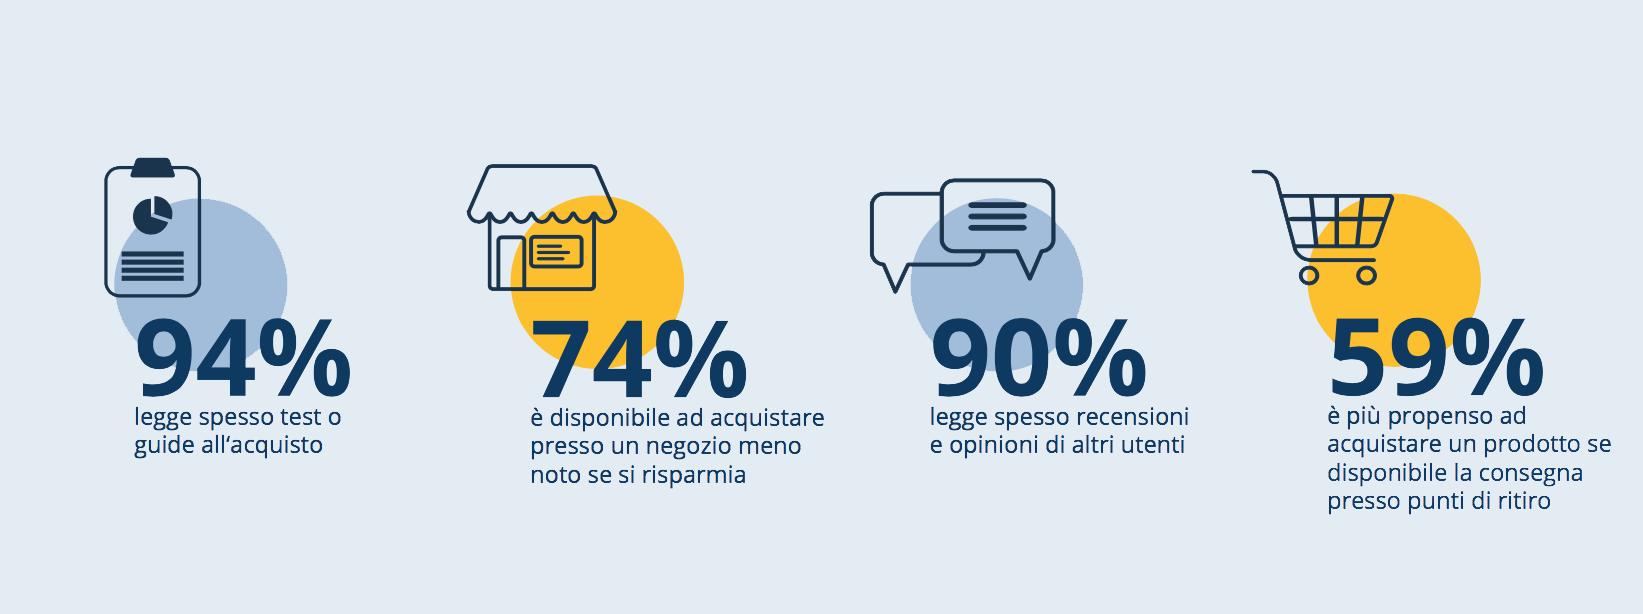 35bbe2711c70 ... il 25% conferma di usare spesso applicazioni per la lettura del codice  a barre e QR code in negozio per confrontare i prezzi su internet da  smartphone.